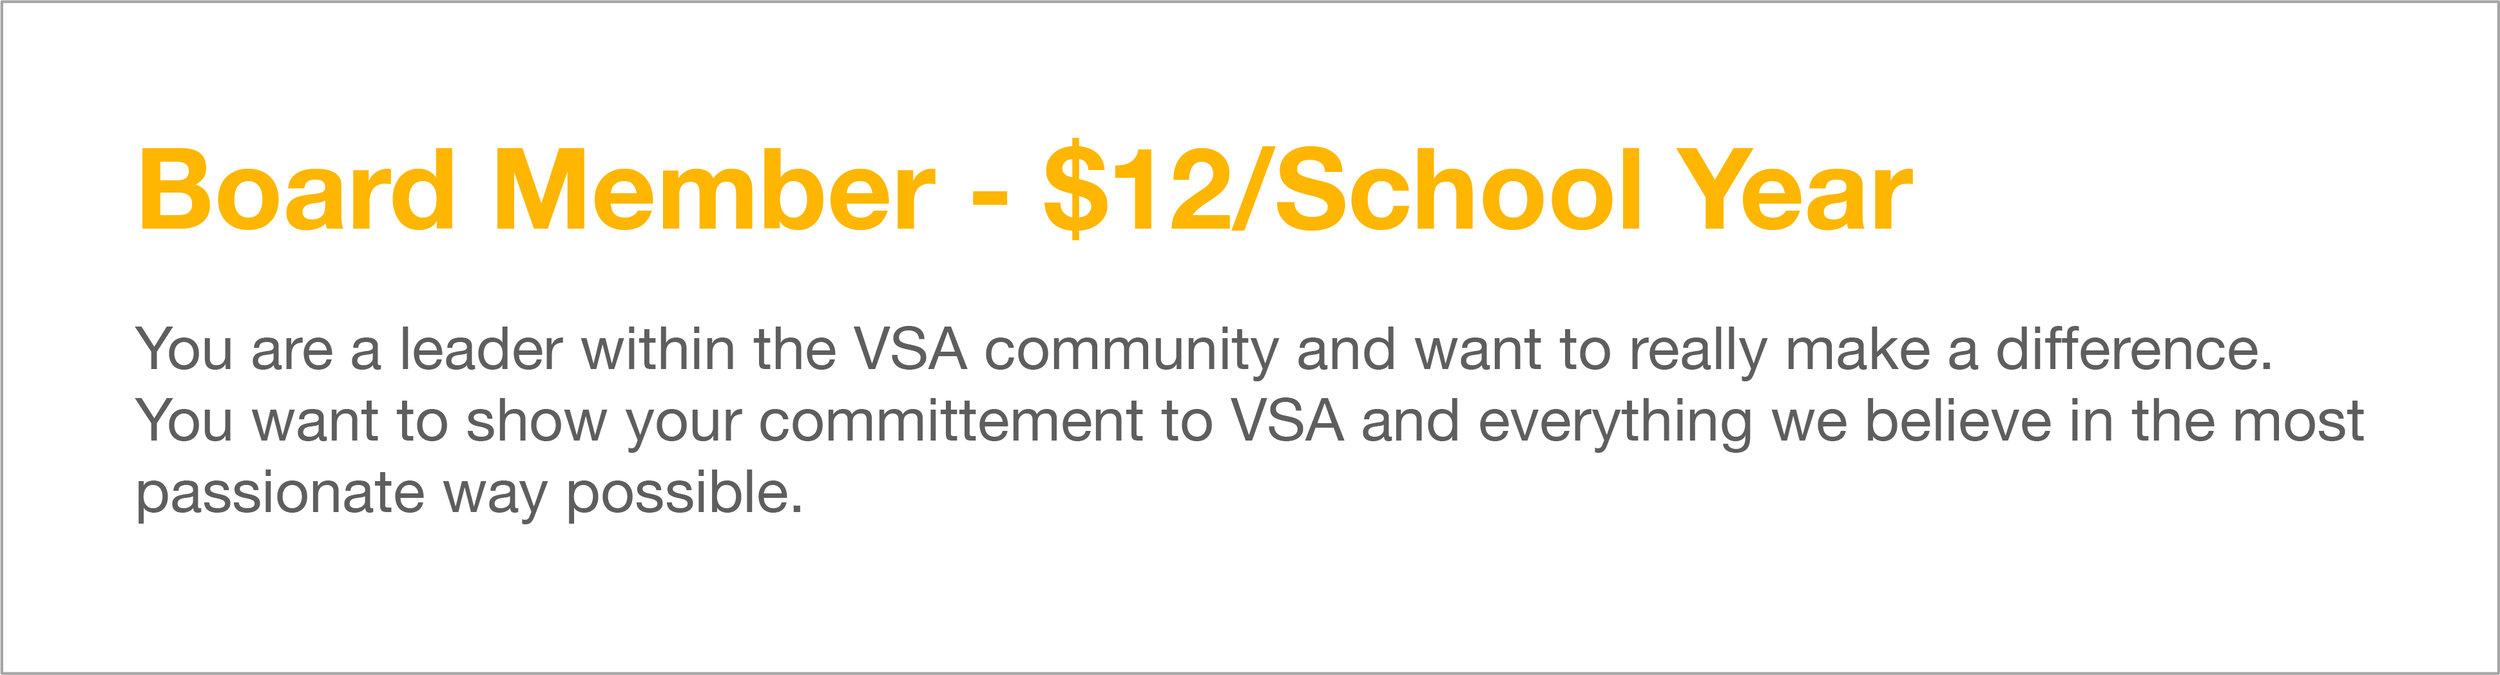 VSA_Board Member.jpg